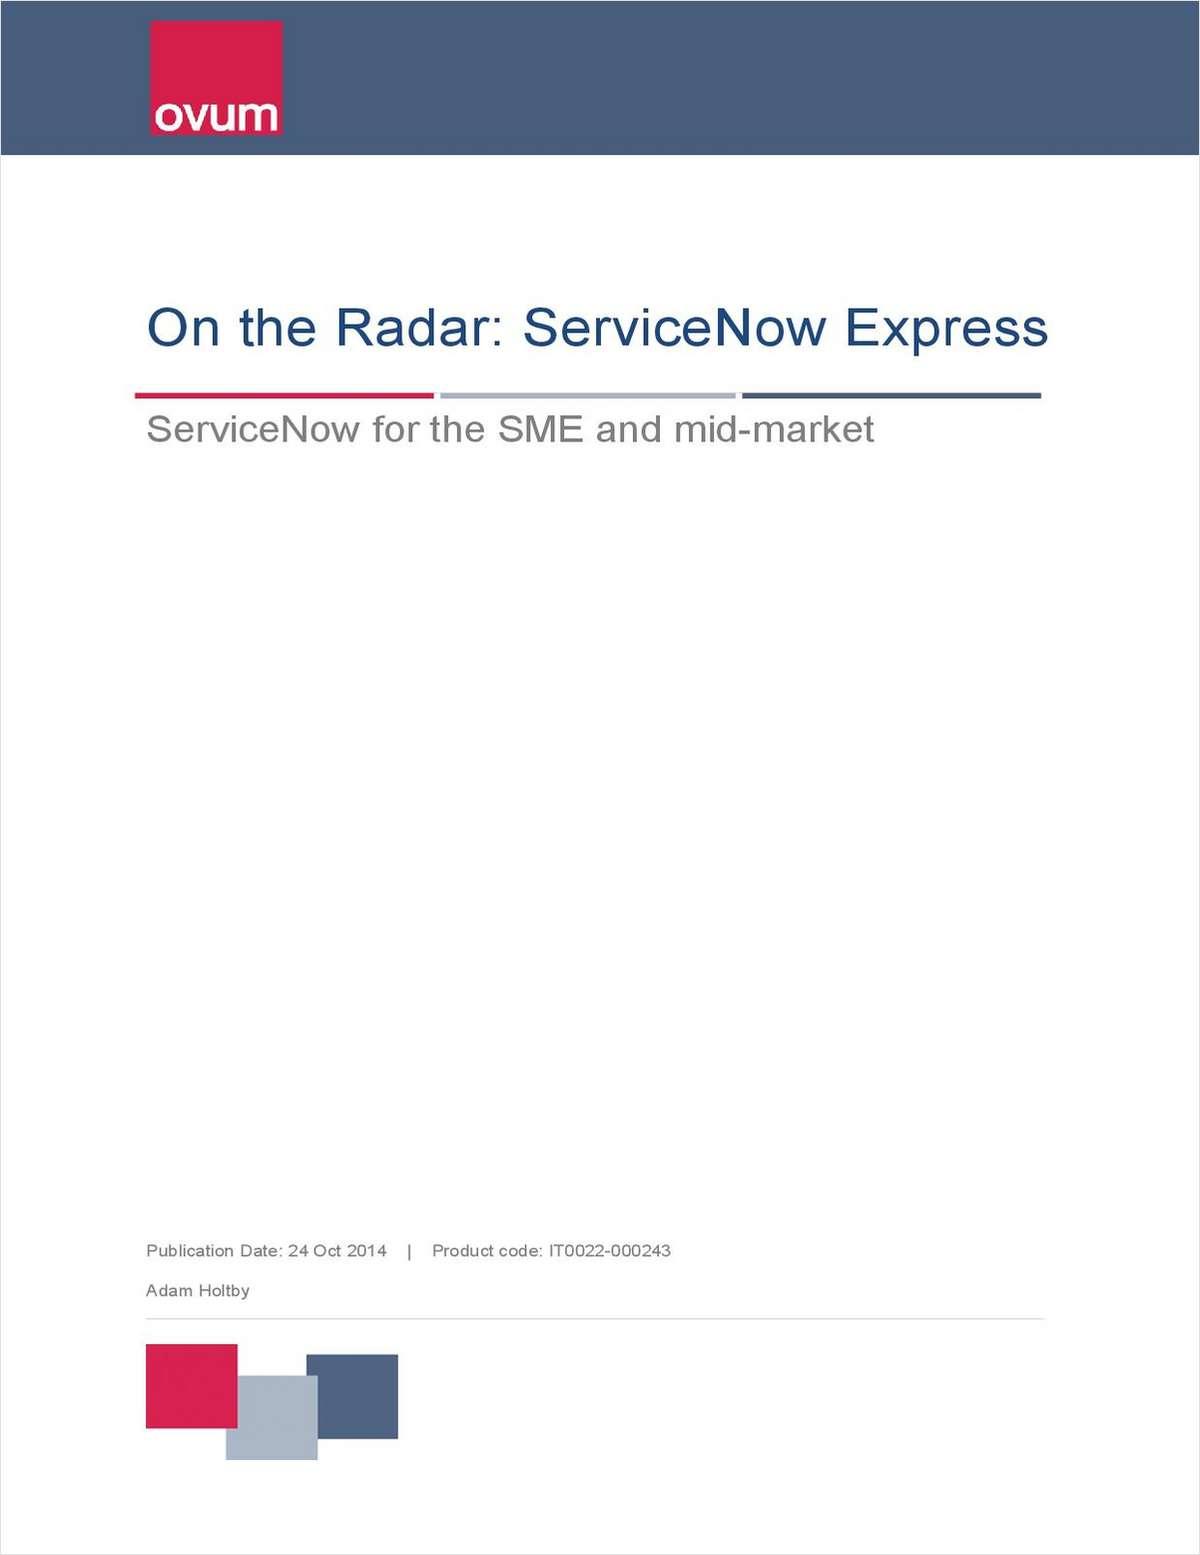 ServiceNow Express: Ovum Analyst Report